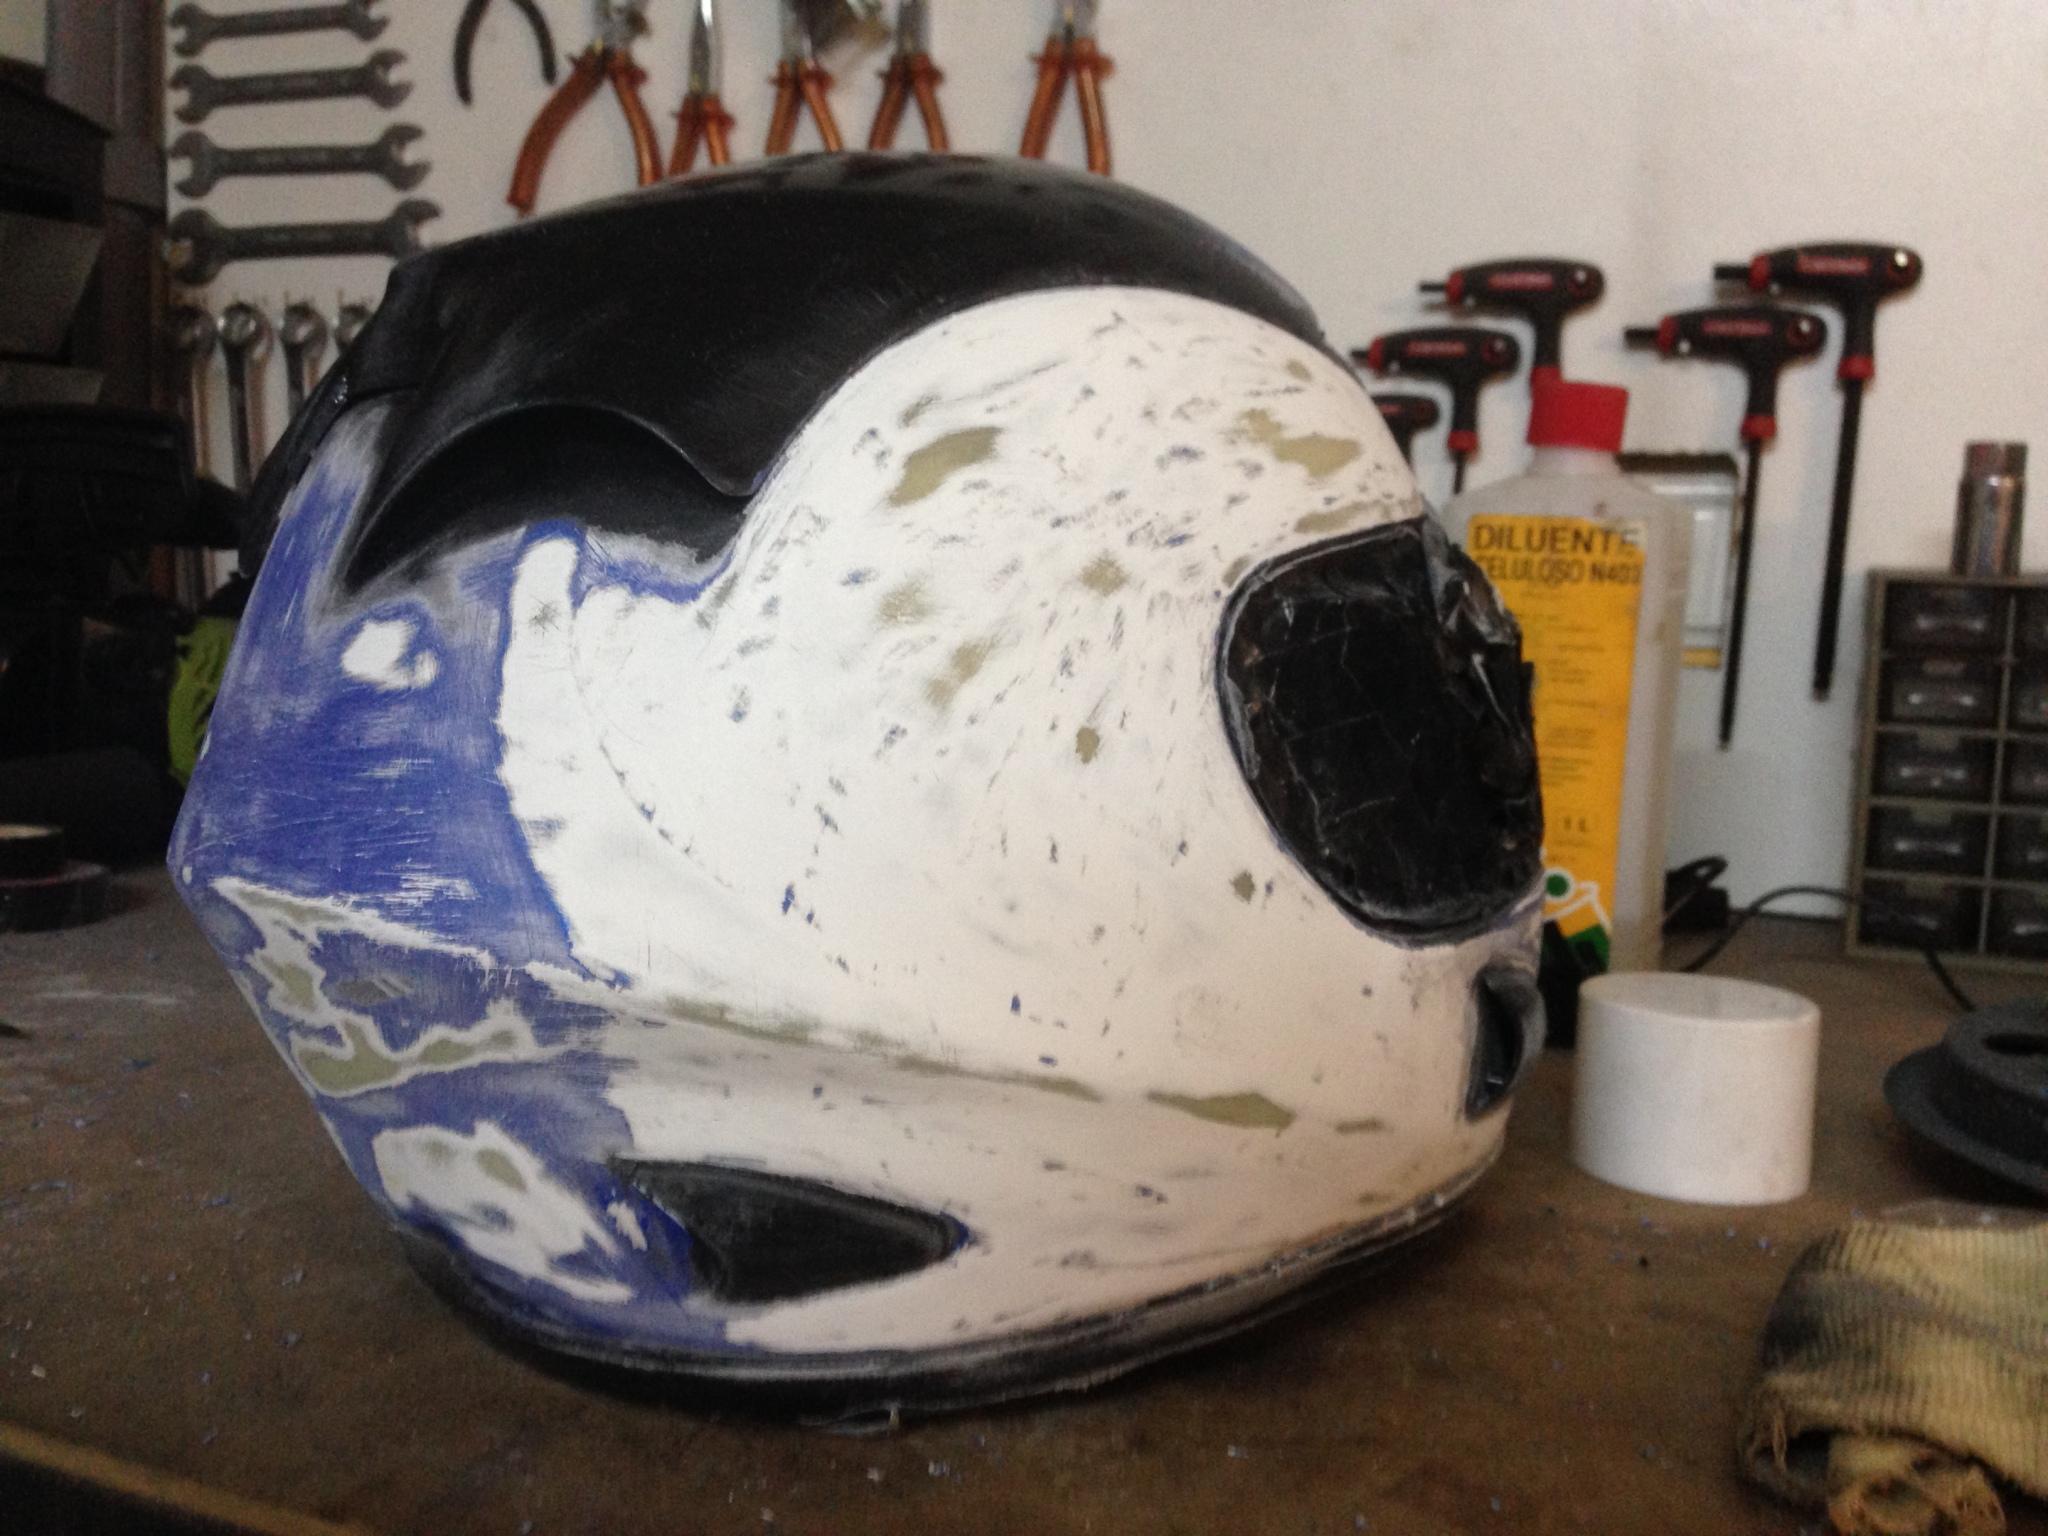 Autocolantes na moto/capacete  2wnn5ub